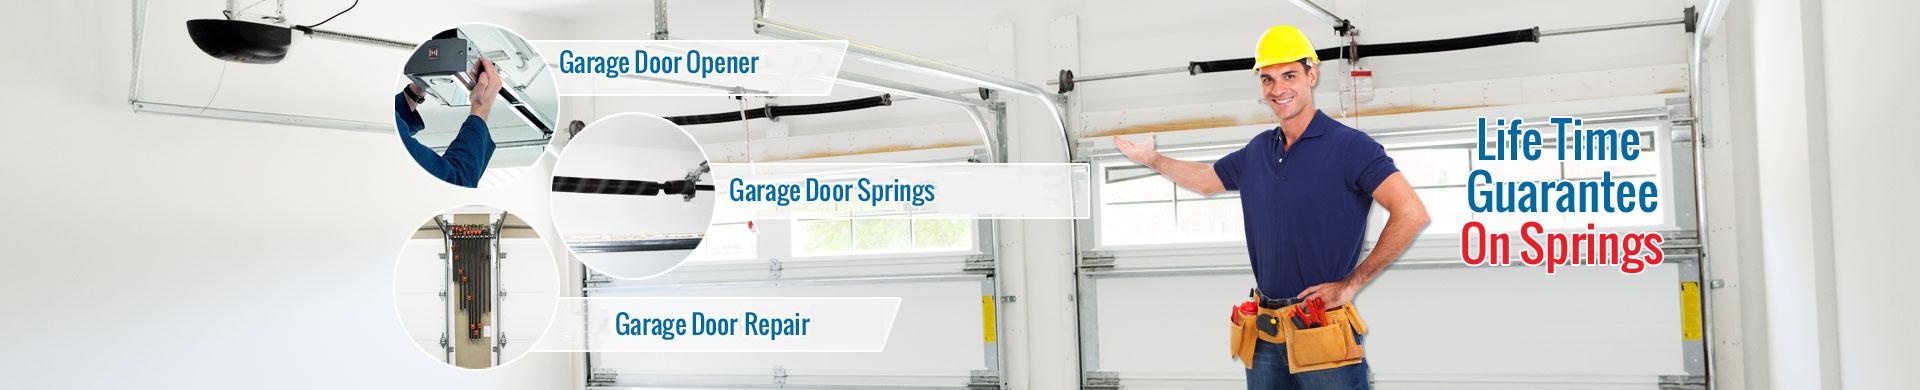 1 Queens Garage Door Repair Installation Ny Garage Doors Company